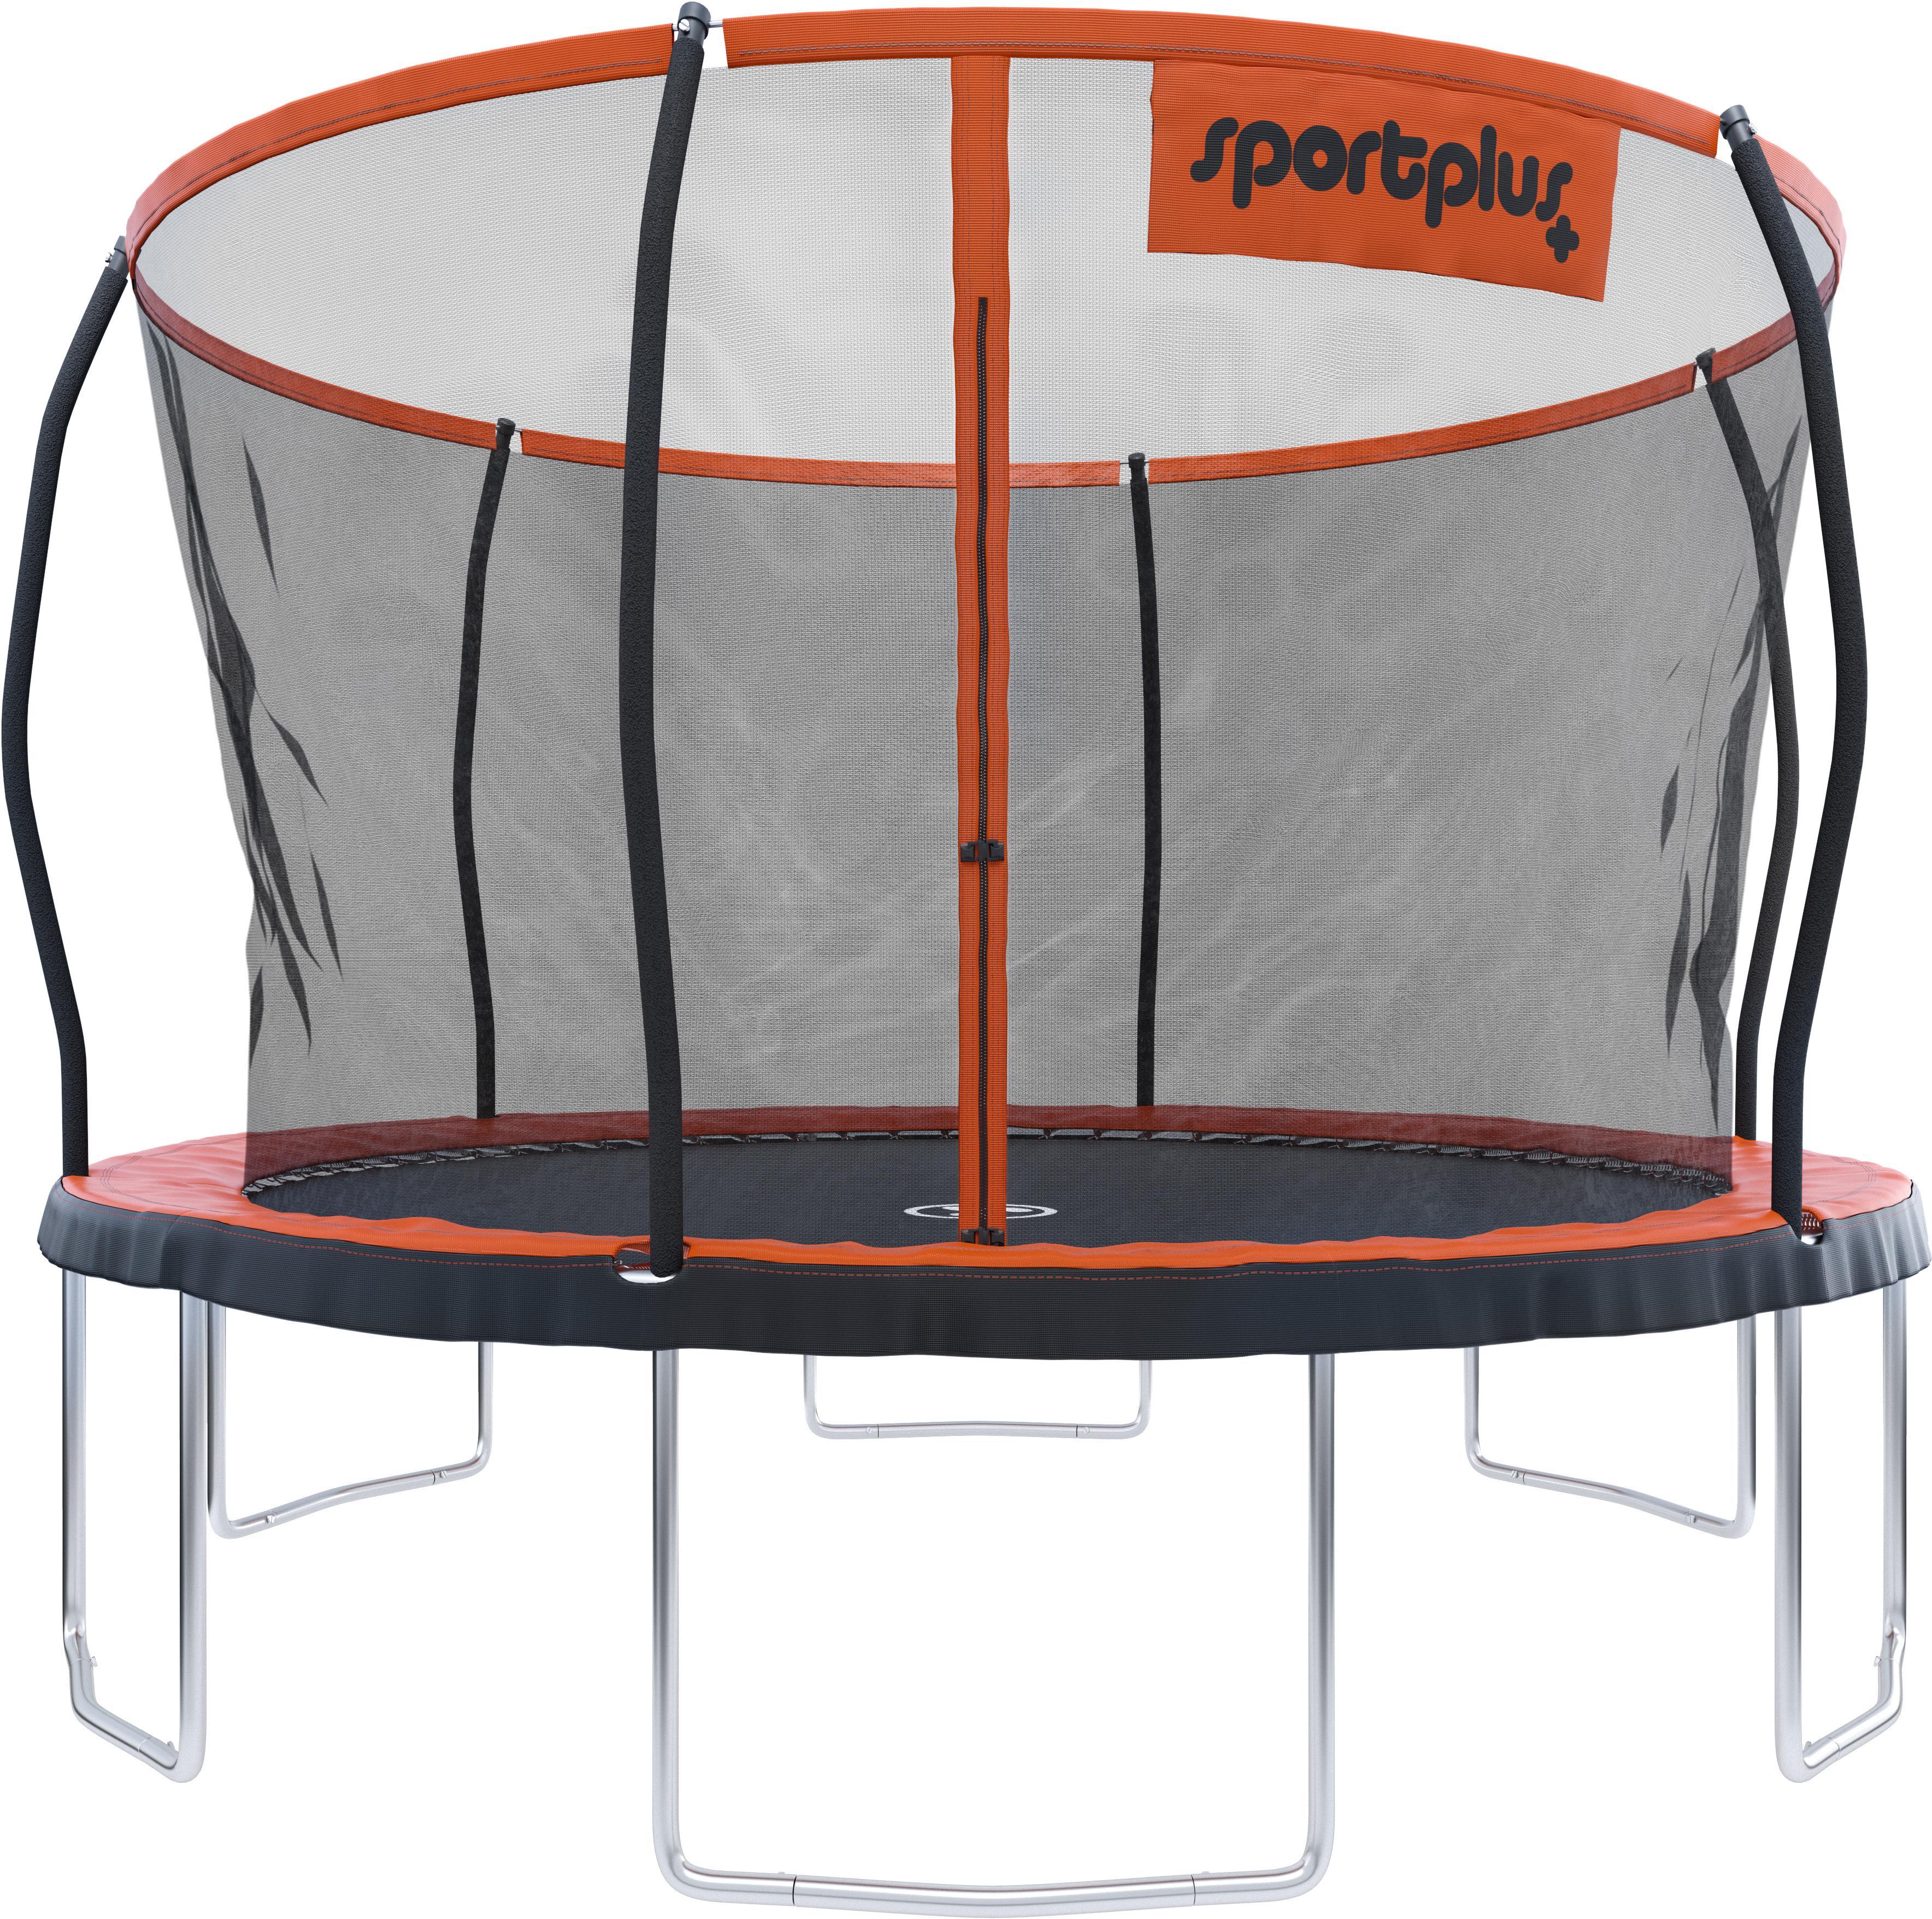 SportPlus Gartentrampolin SP-T-366 orange Fitness Ausrüstung Sportarten Trampolin